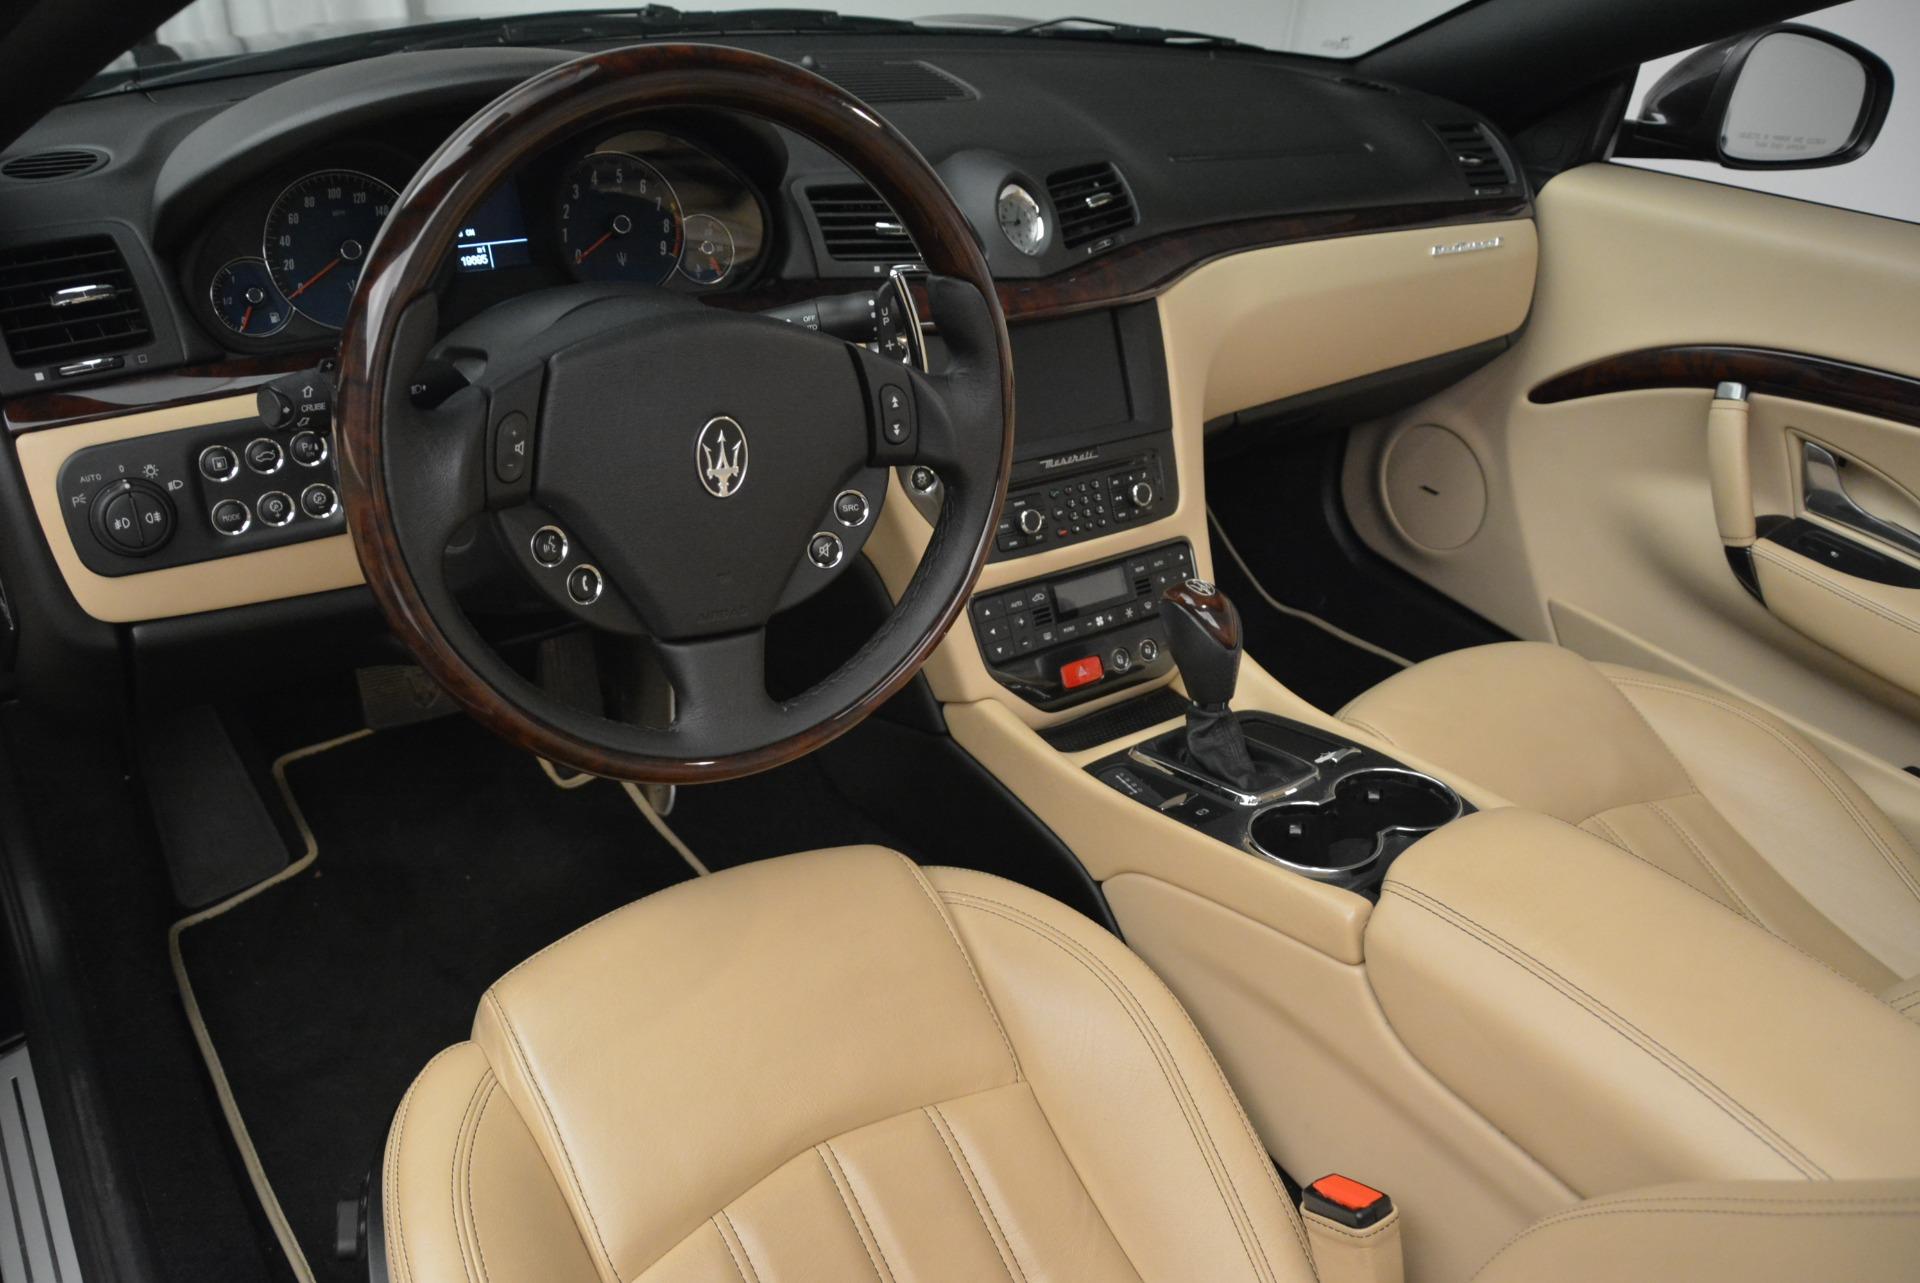 Used 2013 Maserati GranTurismo Convertible  For Sale In Greenwich, CT 2050_p25